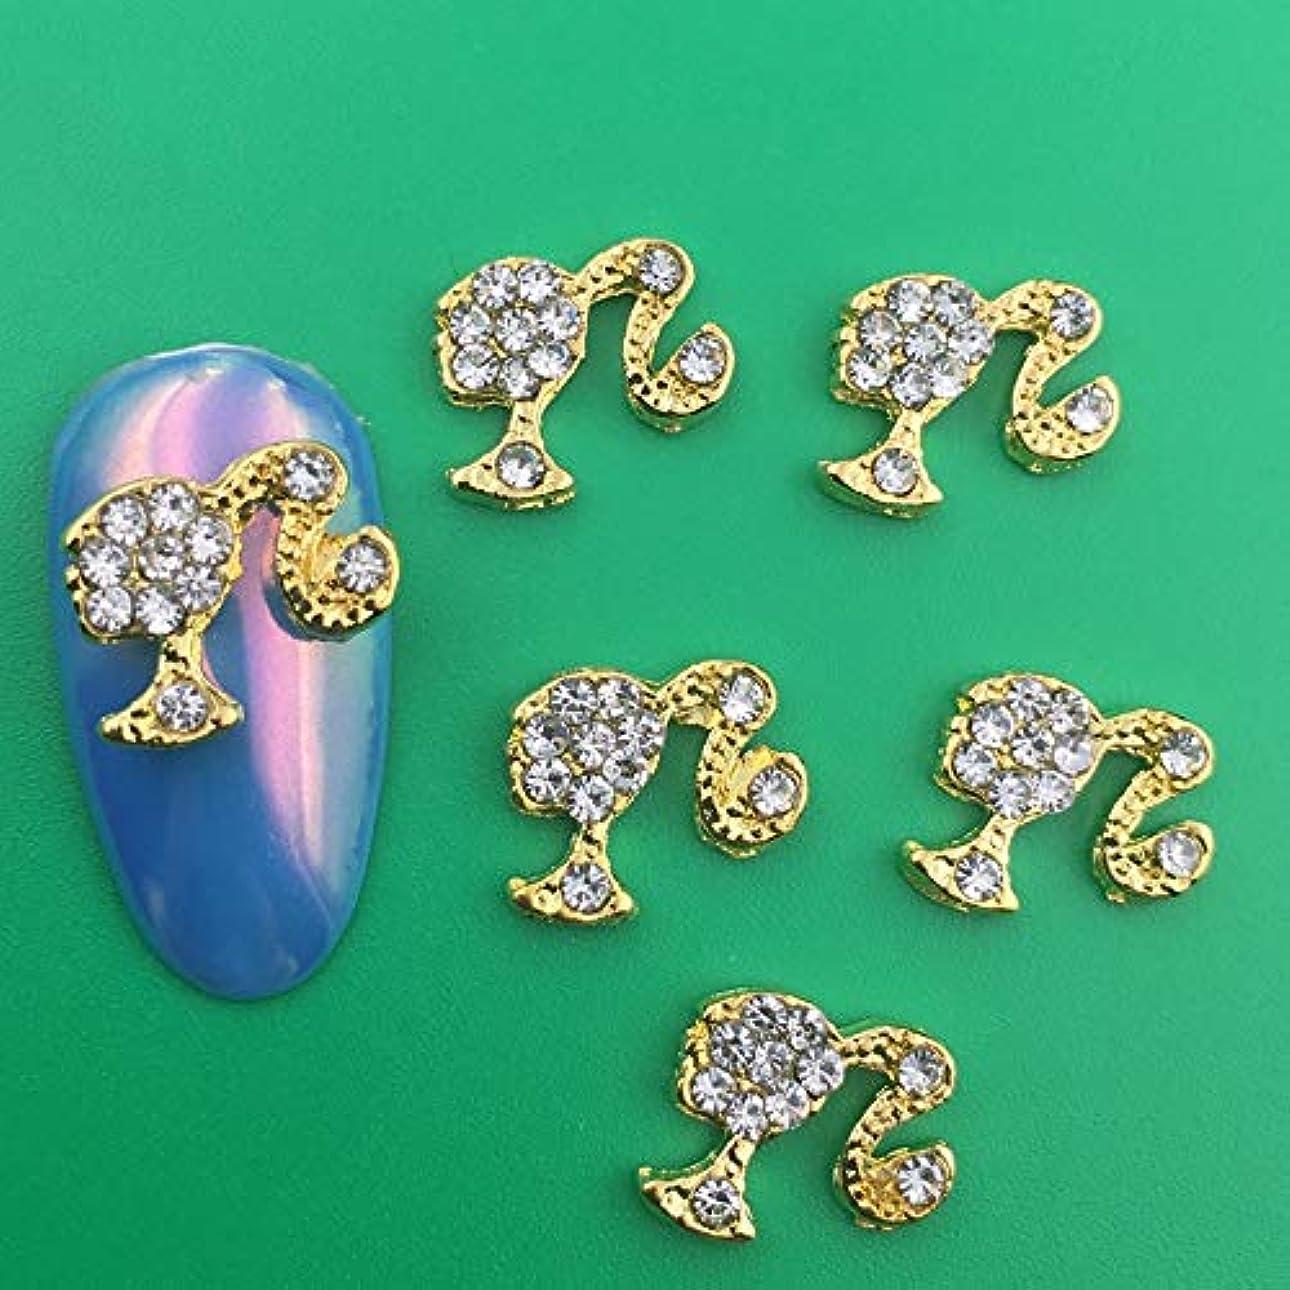 一目投票分解する10 PCS /バッグクリアラインストーンの釘の芸術の装飾美しい女の子ネイルDIY宝石3D合金ネイルダイヤモンドチャームサプライ,金